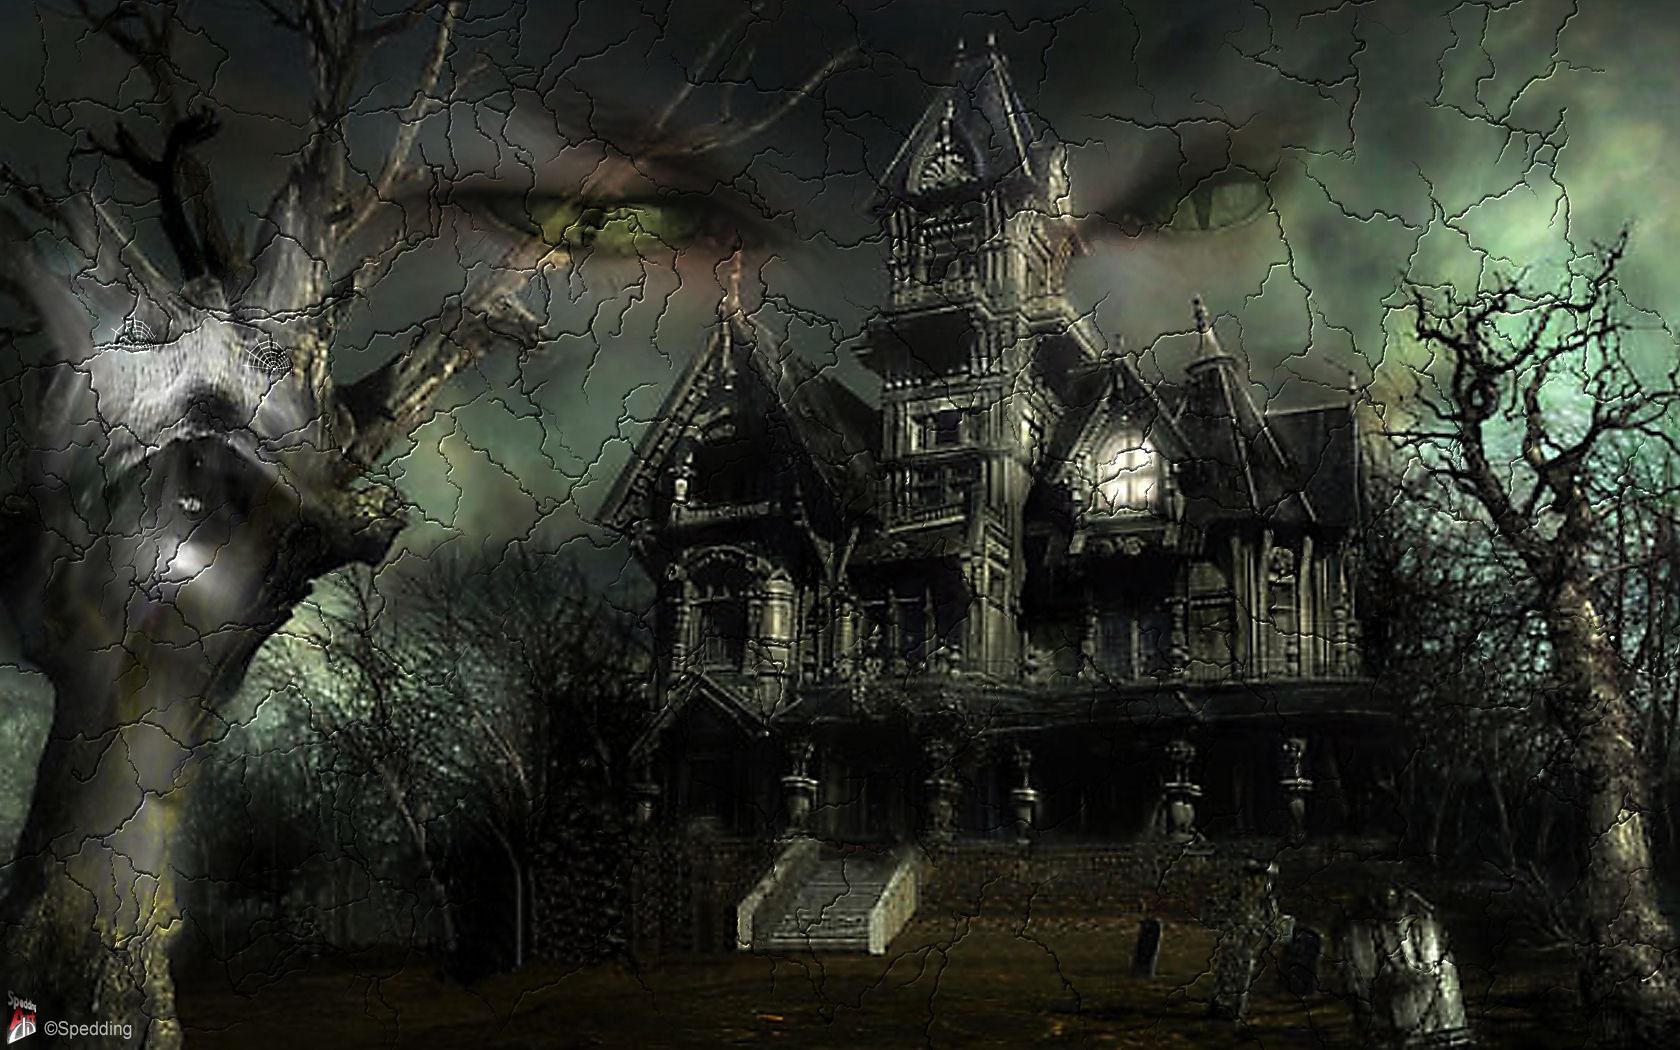 30 Scary Halloween Desktop Wallpapers Best Design 1680x1050